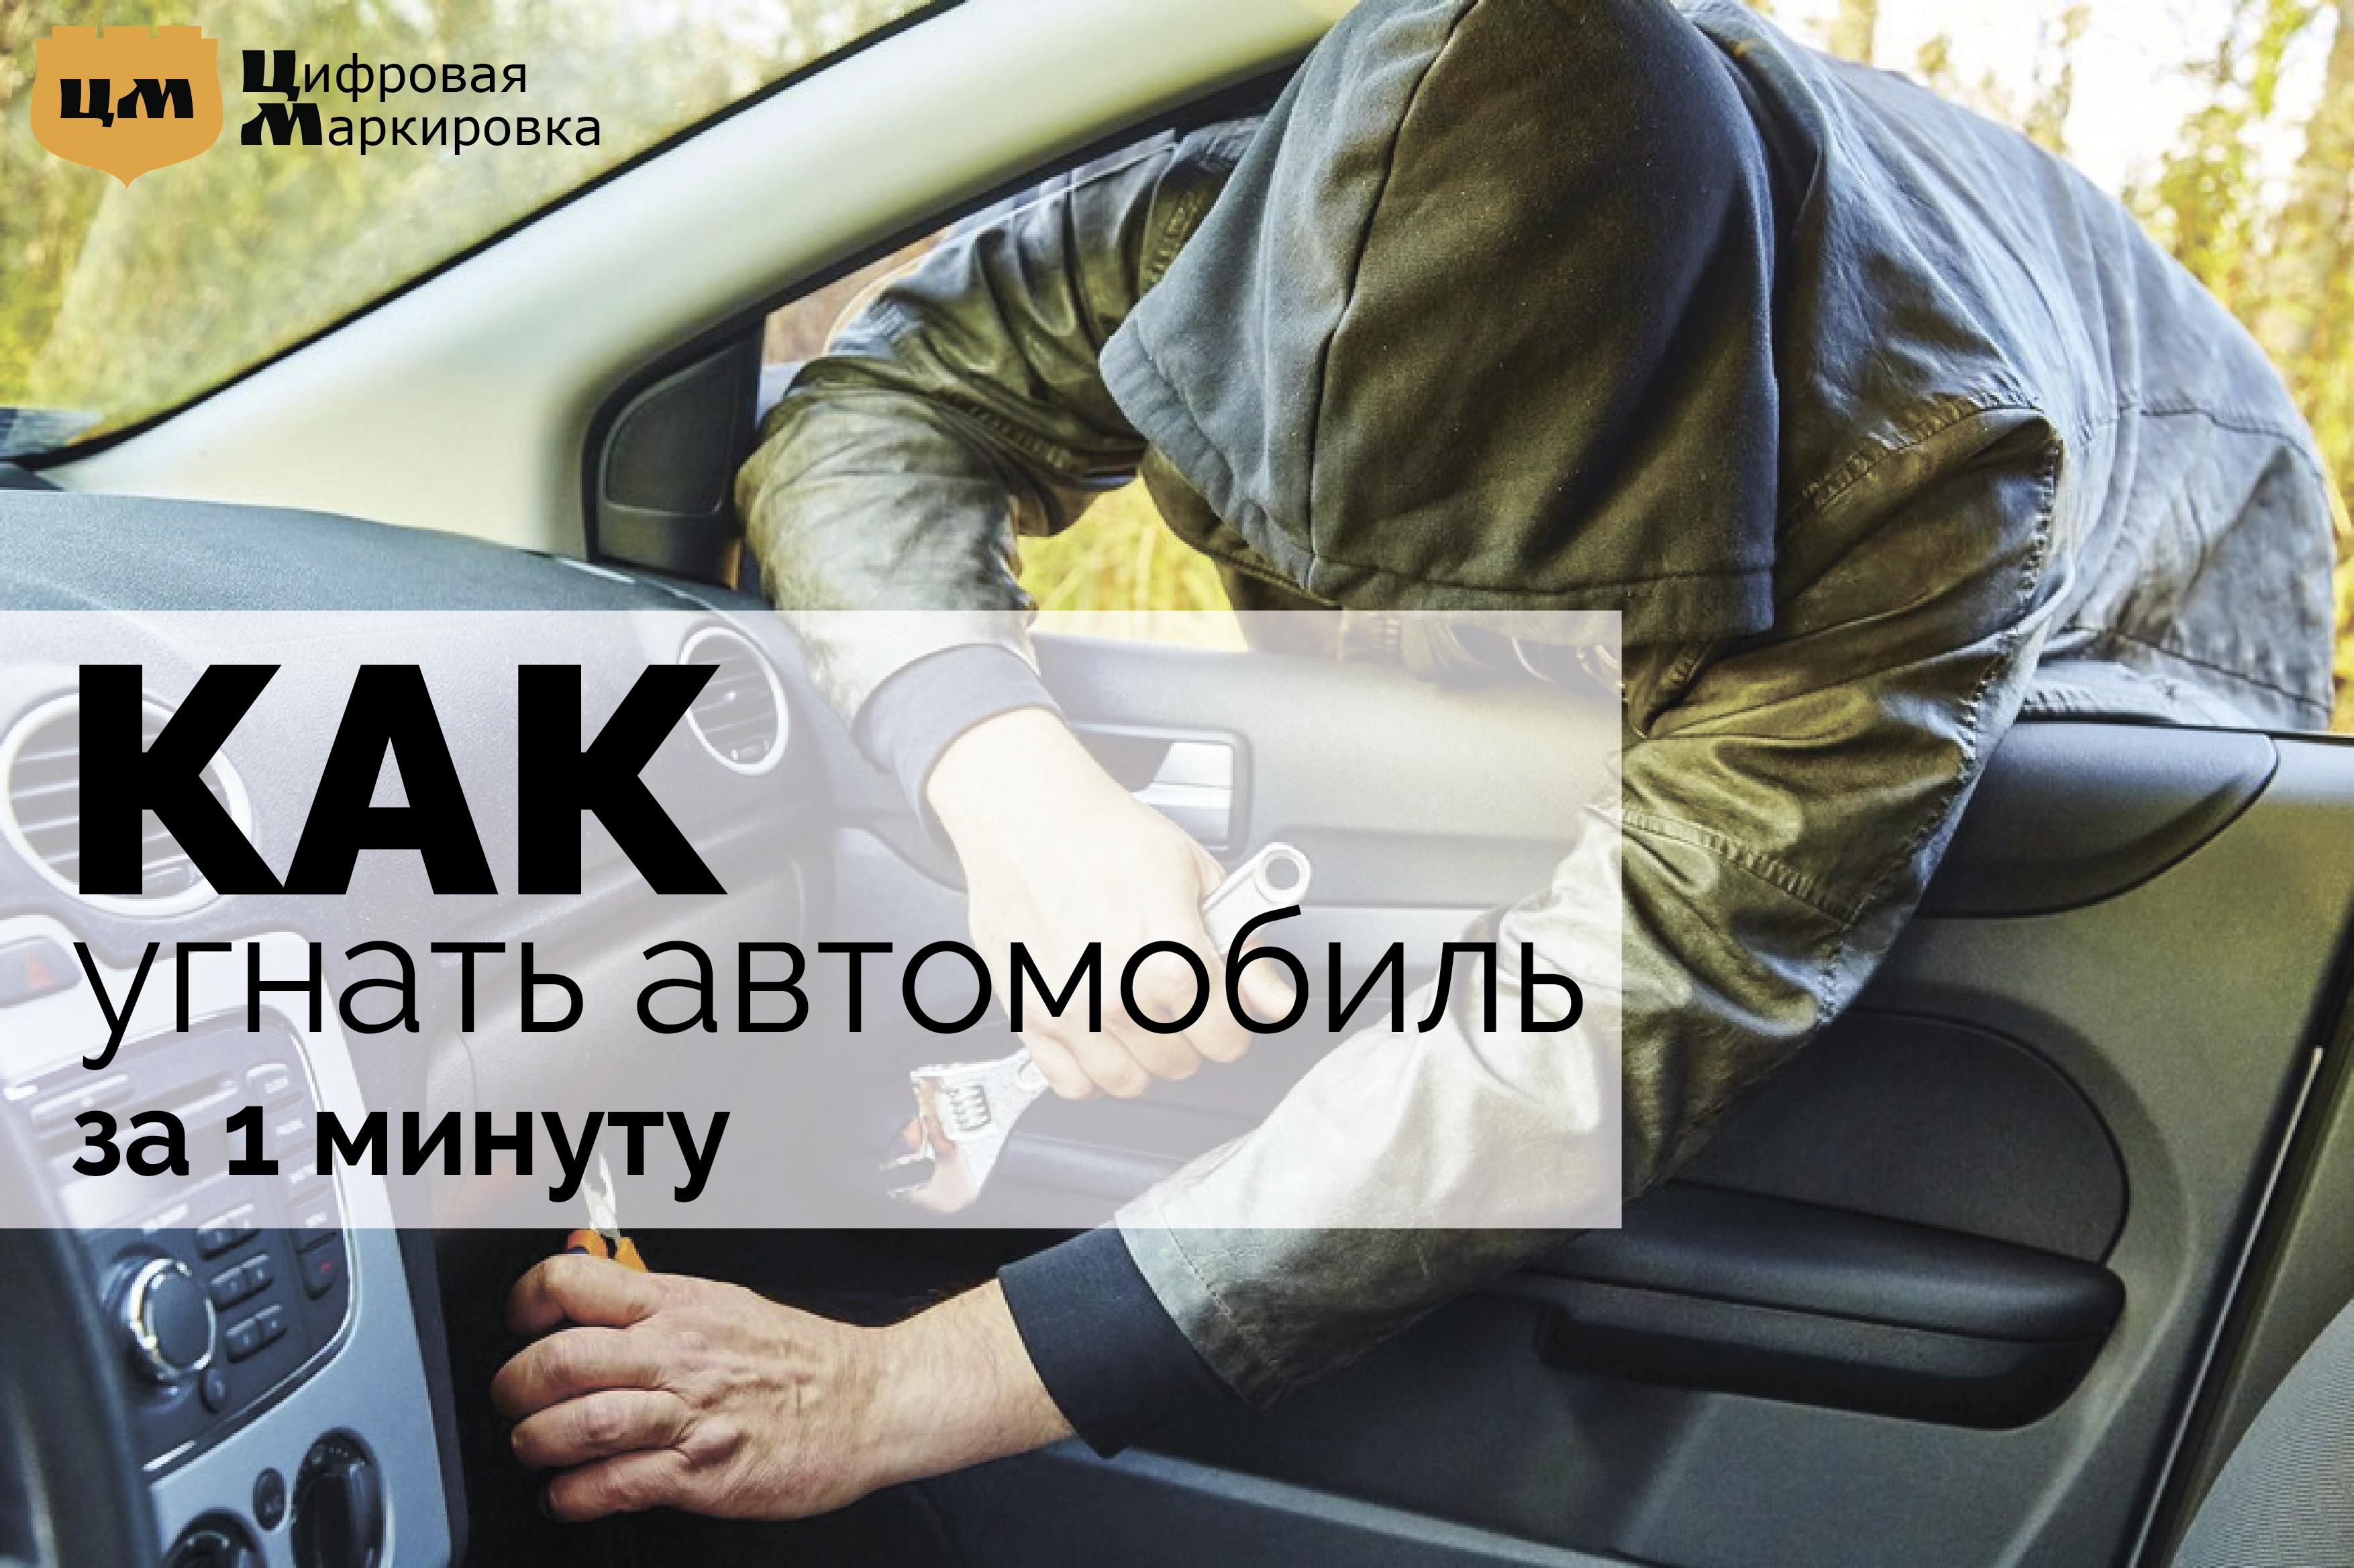 kak-ugnat-avtomobil-za-minutu-cifrovaya-markirovka-8